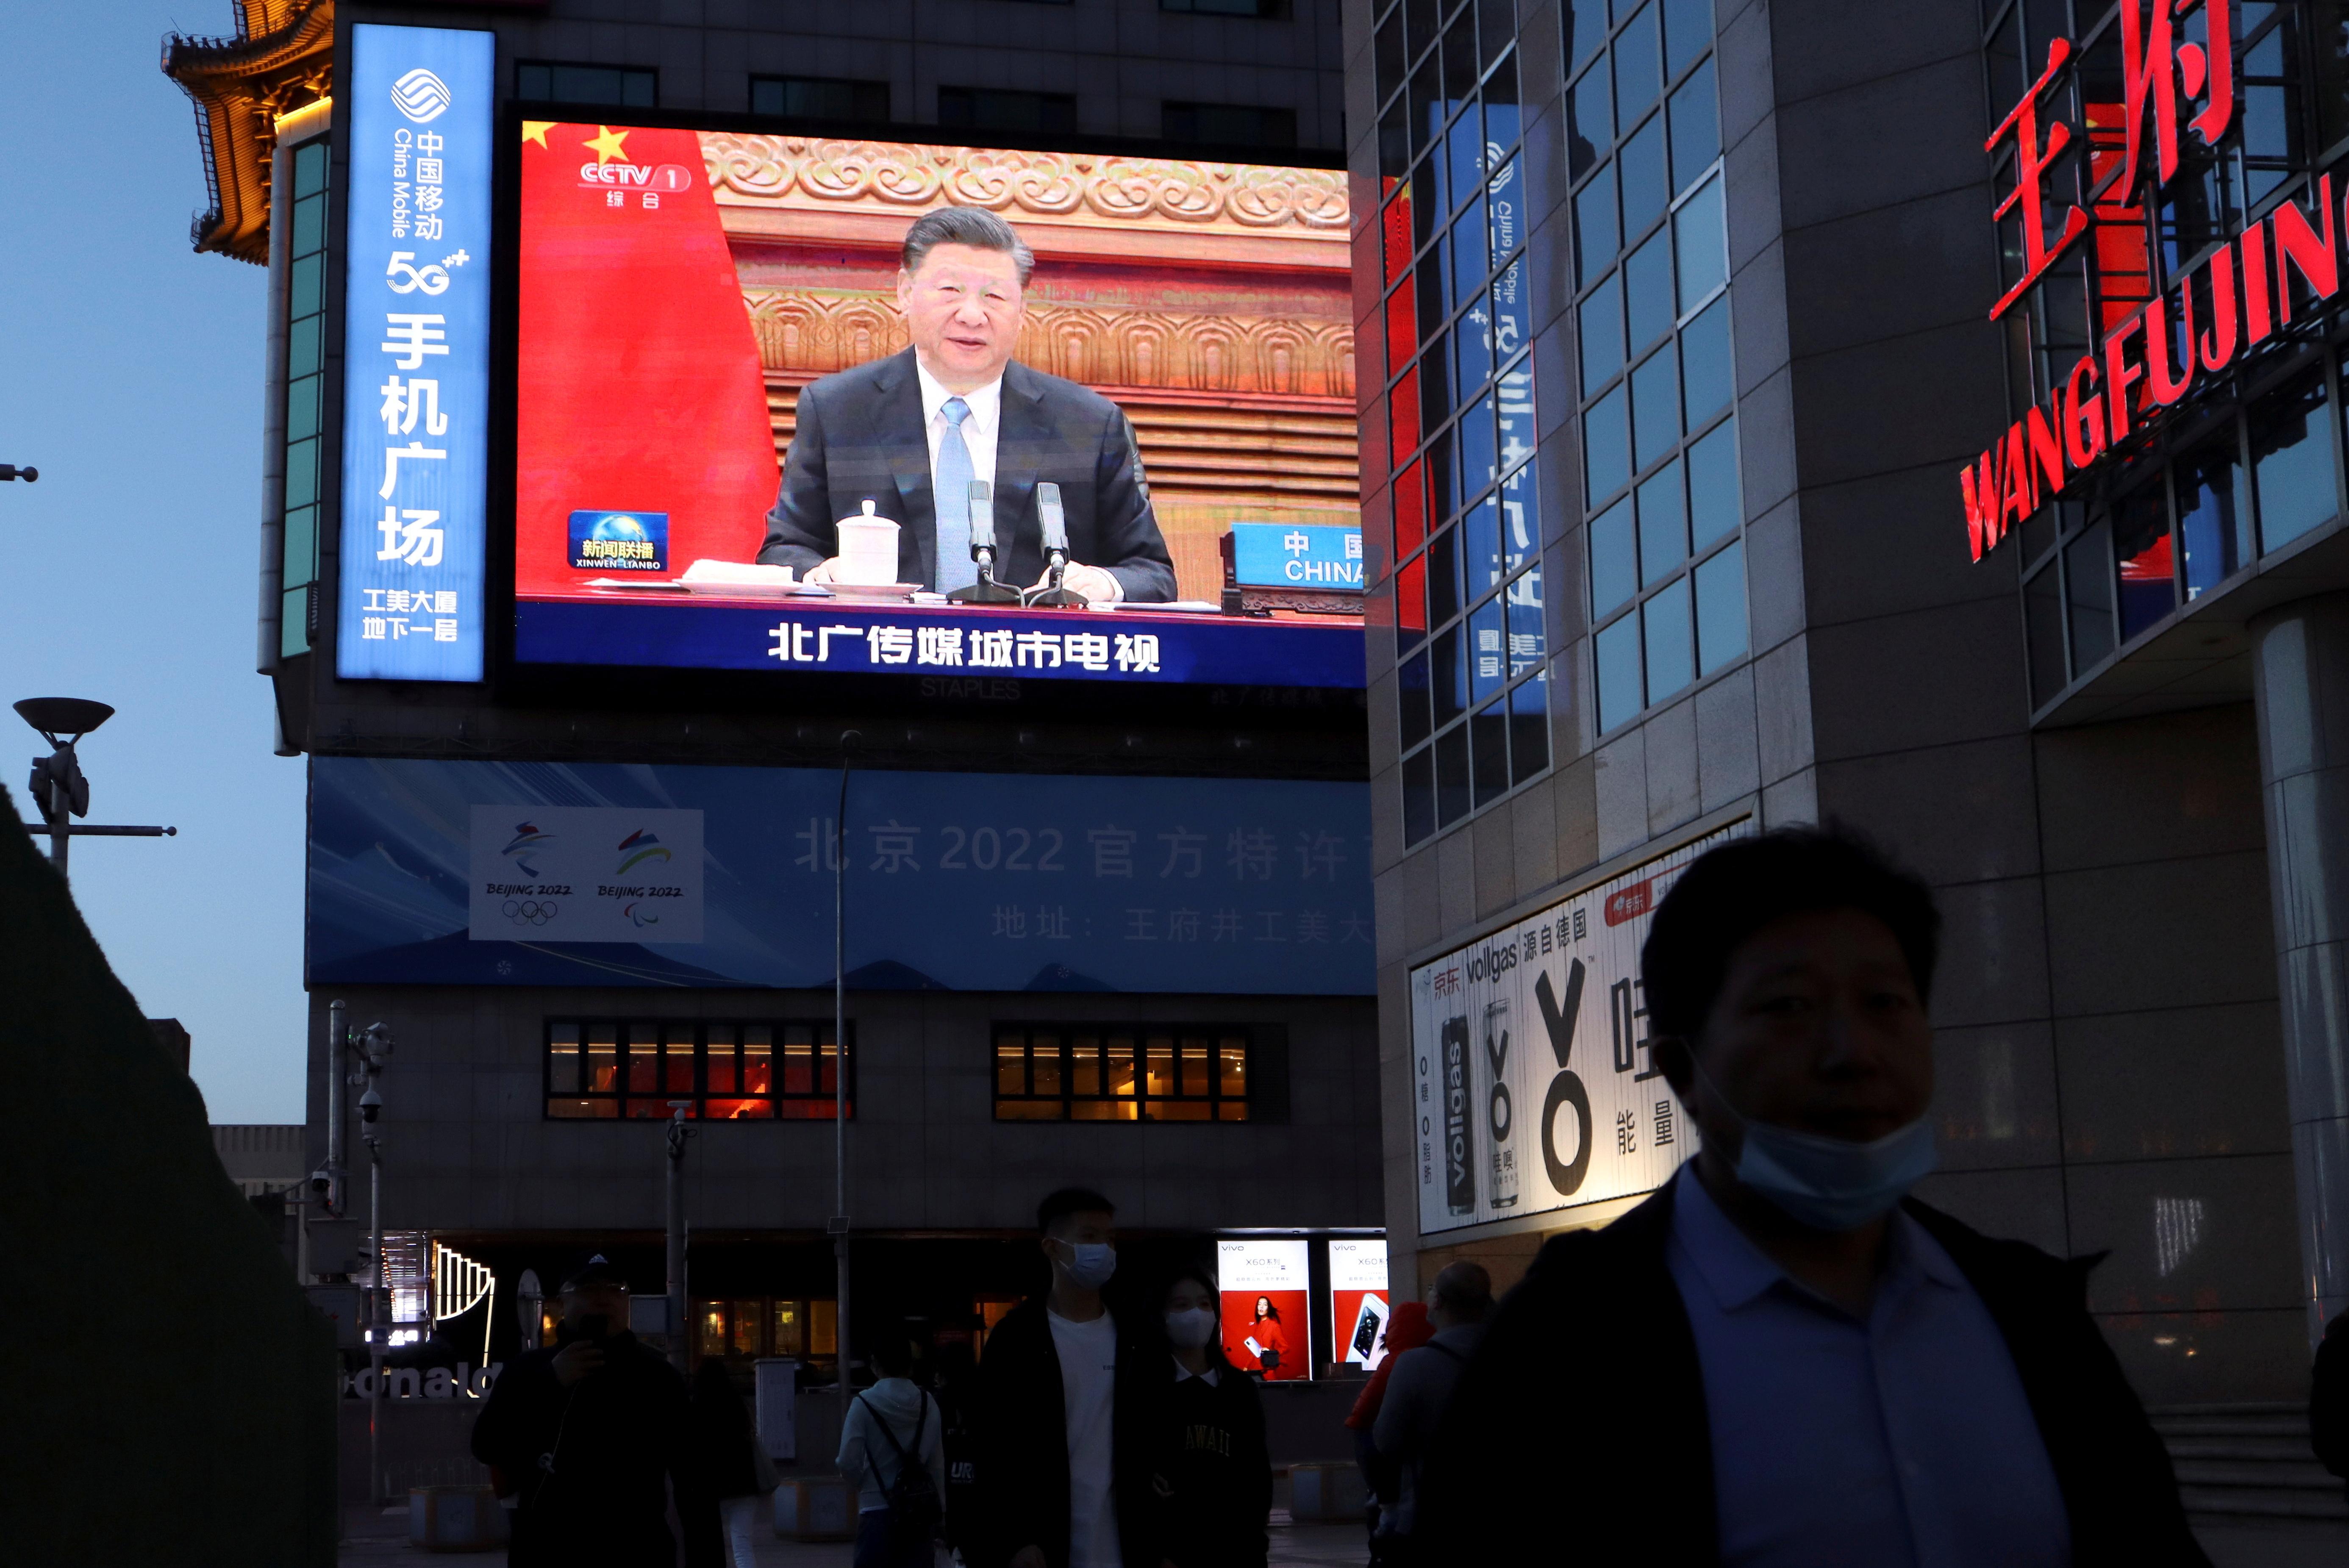 'n Reuse-skerm wys nuusmateriaal van Chinese president Xi Jinping wat 'n videoberaad oor klimaatsverandering saam met die Duitse kanselier Angela Merkel en die Franse president Emmanuel Macron bywoon by 'n winkelstraat in Beijing, China, 16 April 2021. REUTERS/Florence Lo